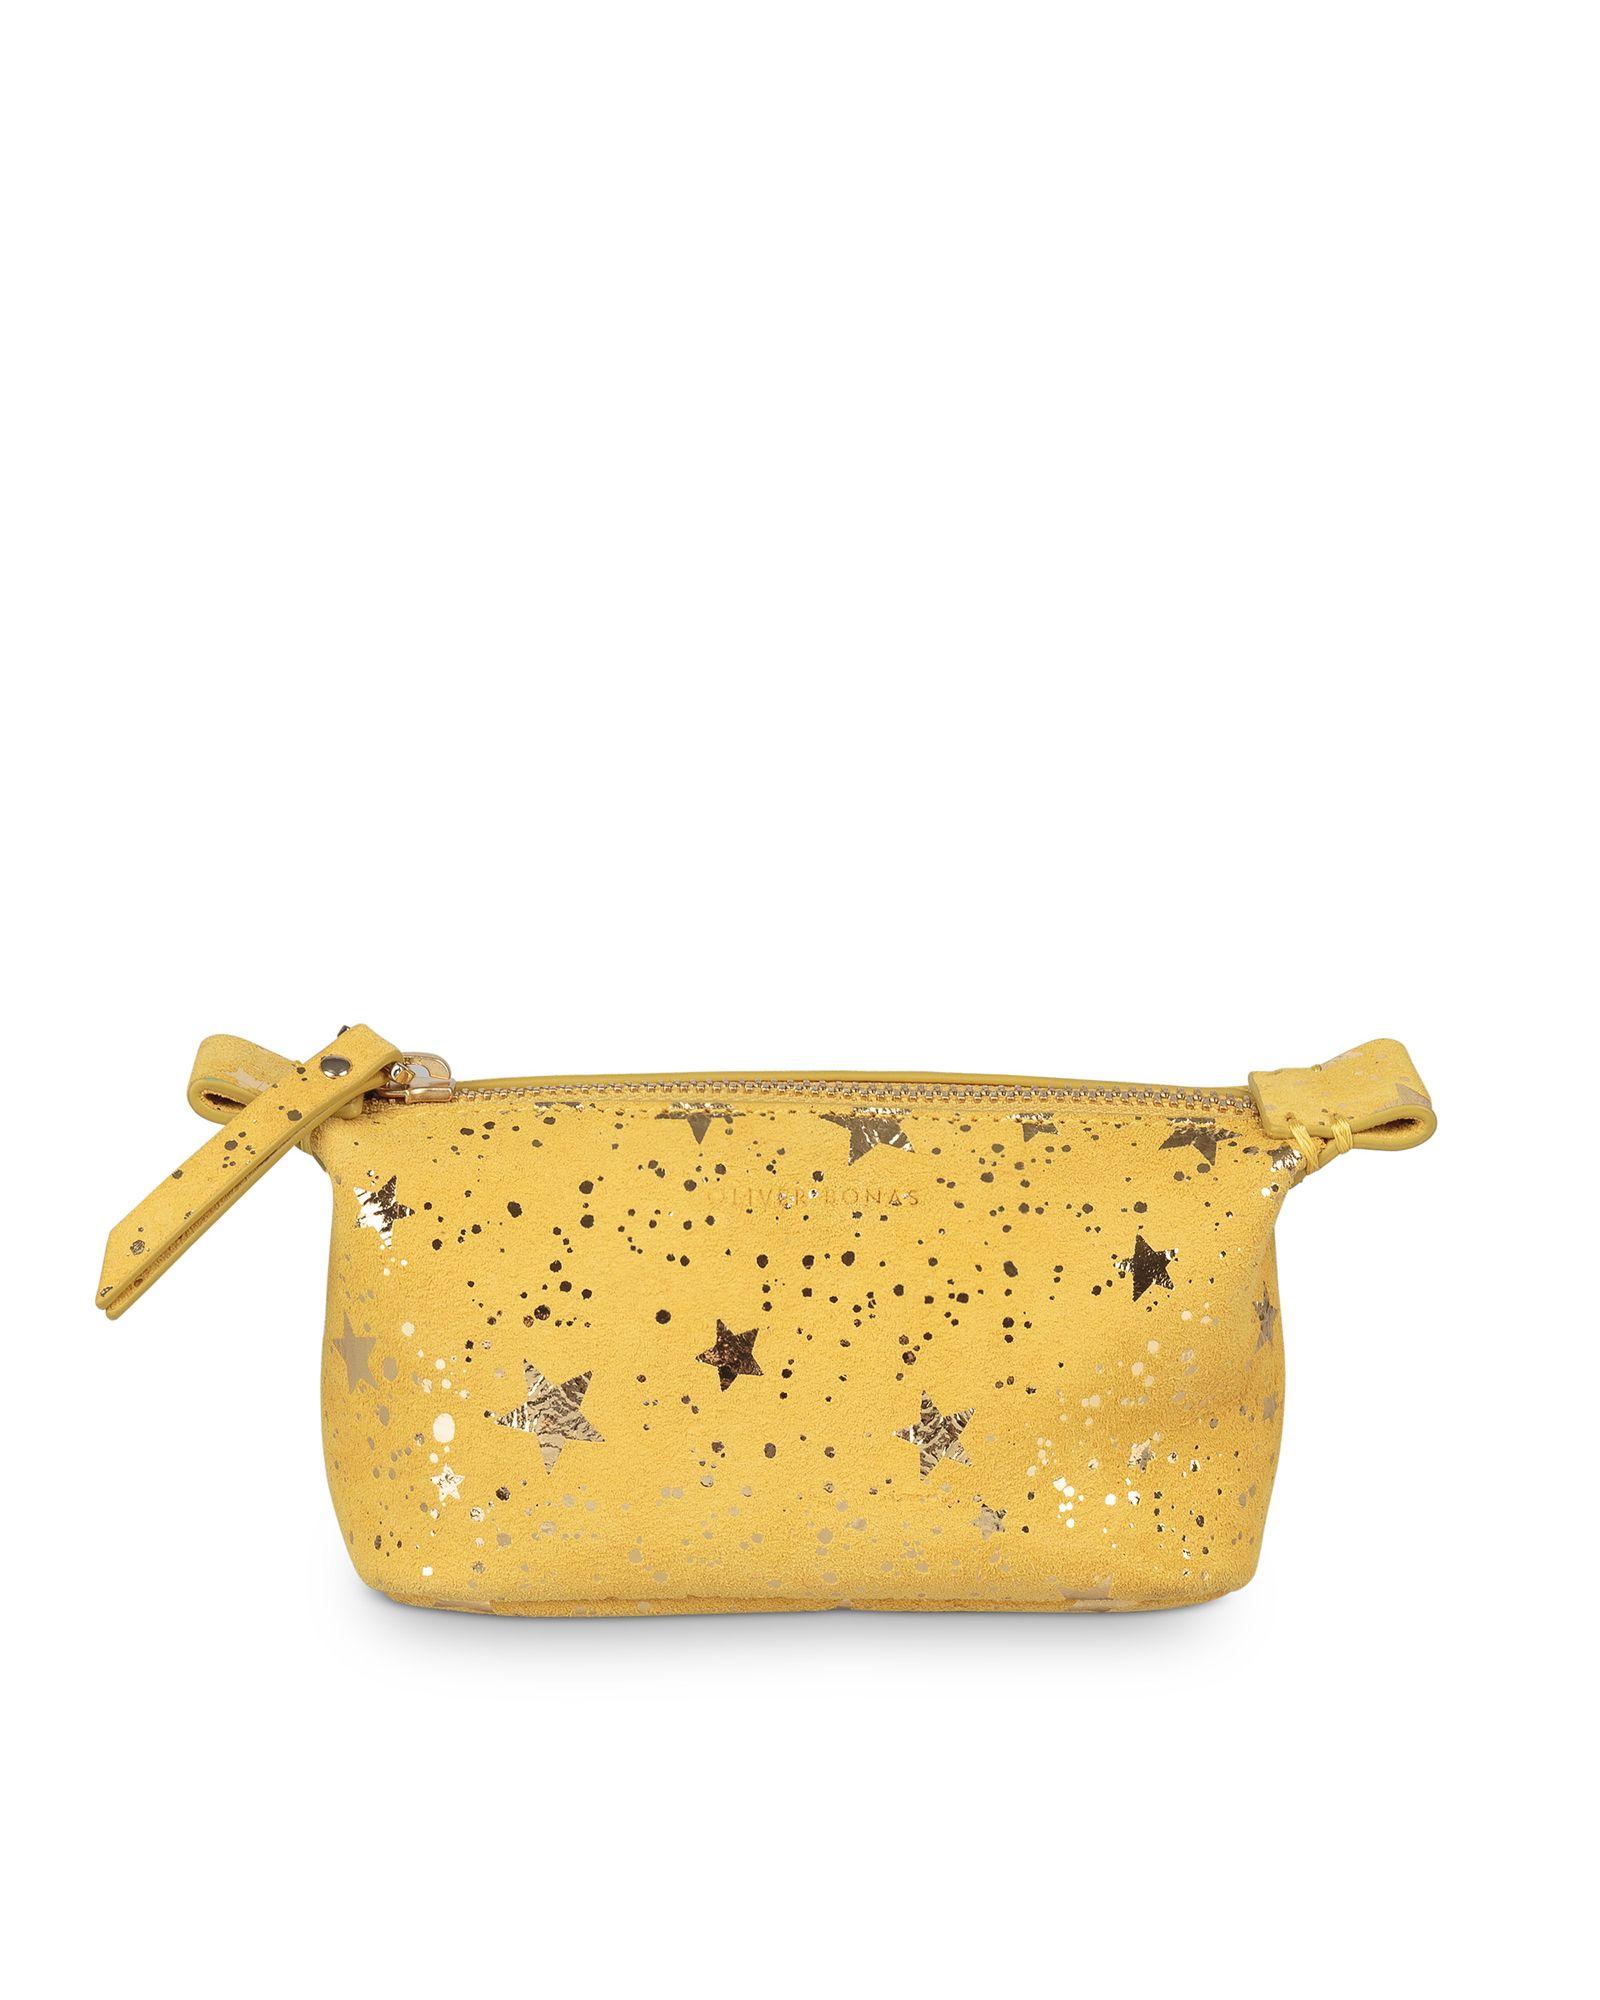 Zoya Star Print Yellow Leather Make Up Bag Mini Yellow Leather Bags Star Print